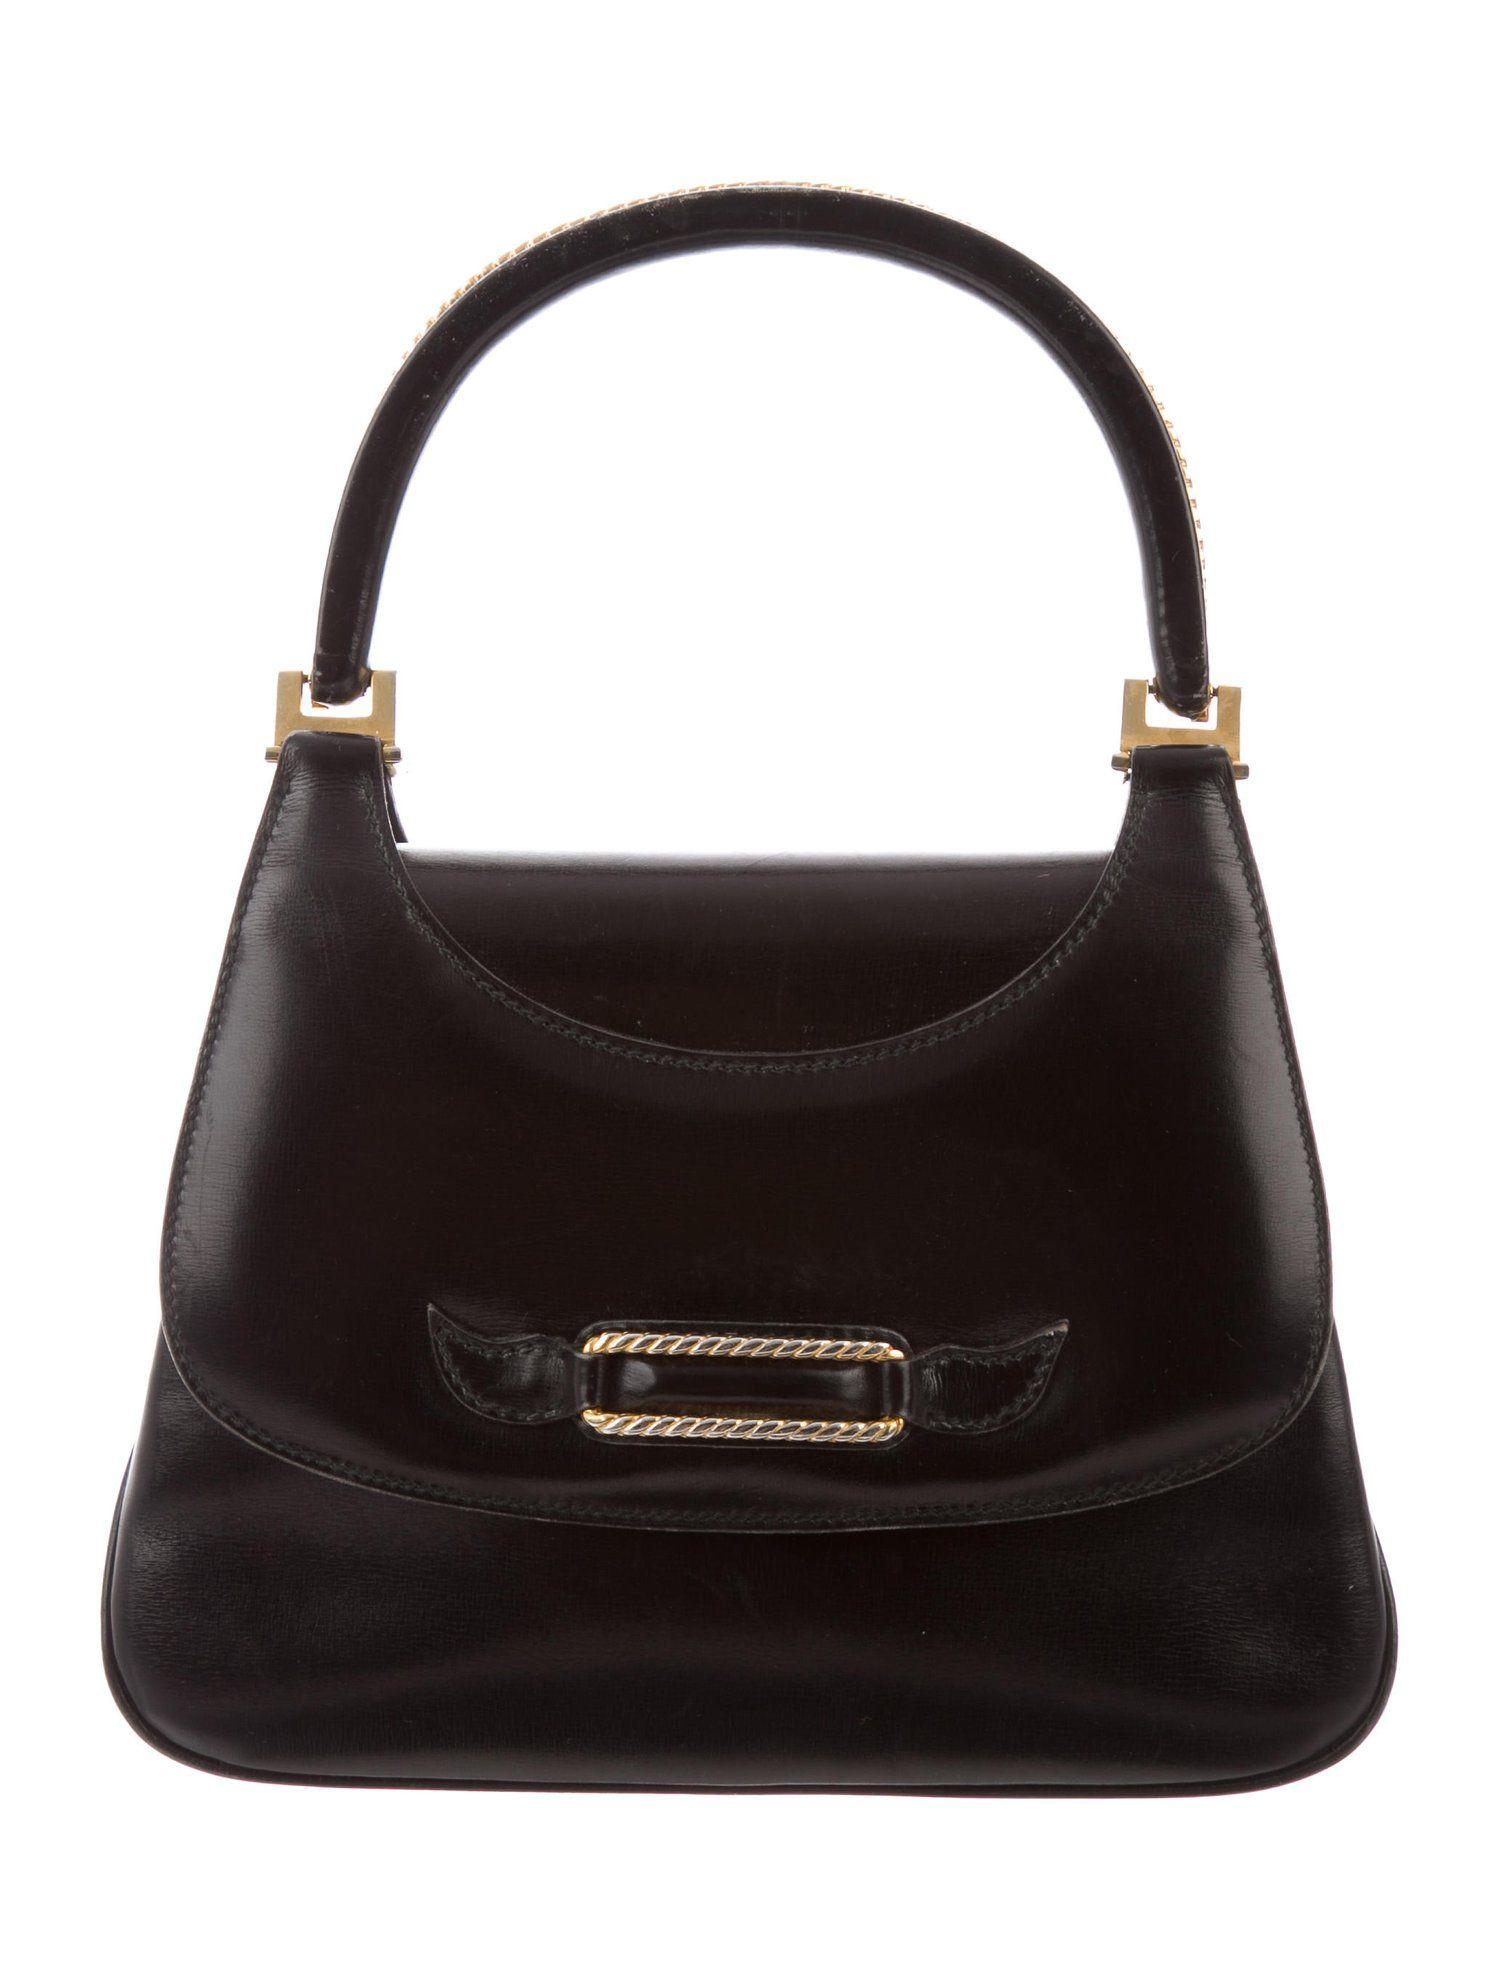 2ff18a6af1a Gucci Vintage Handle Bag - Handbags - GUC258287